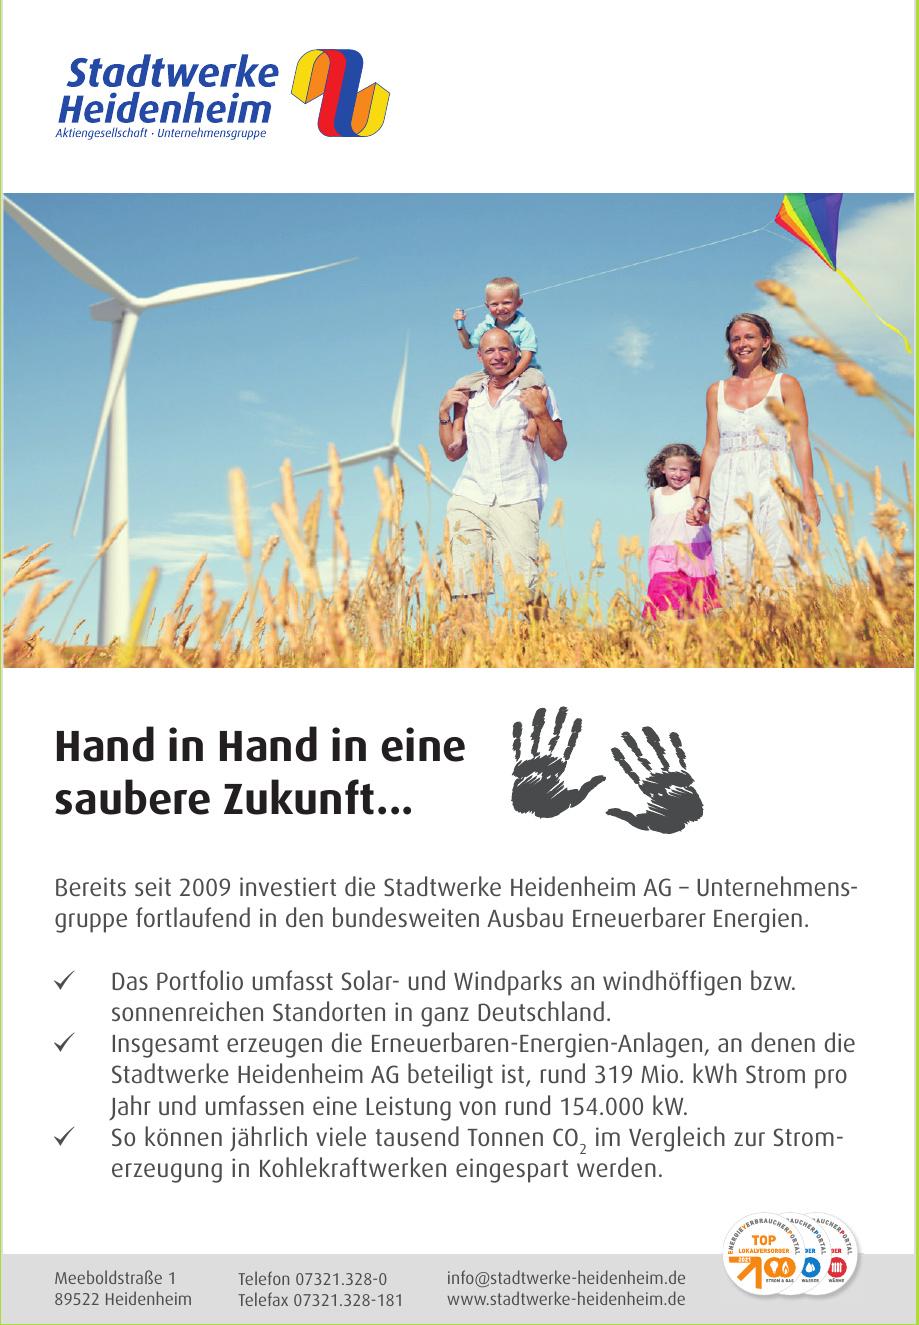 Stadtwerke Heidenheim